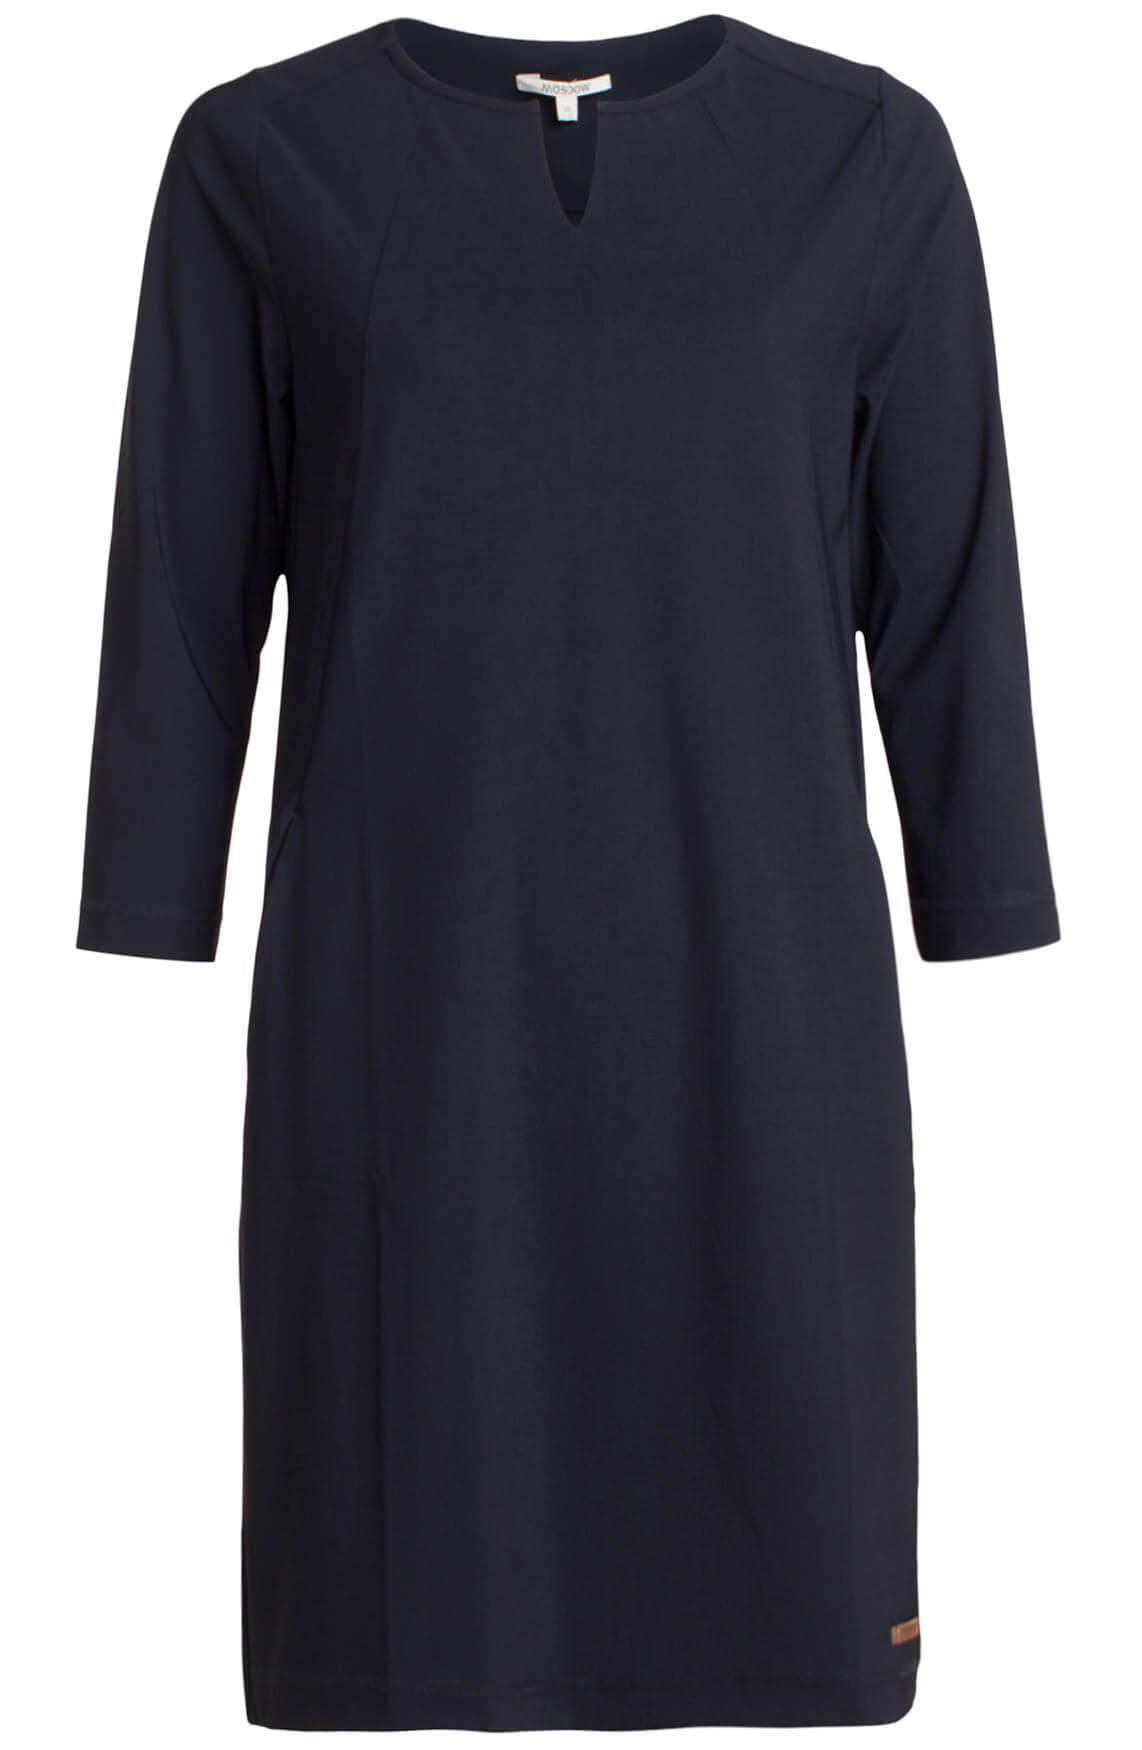 Moscow Dames Sportieve jurk Blauw